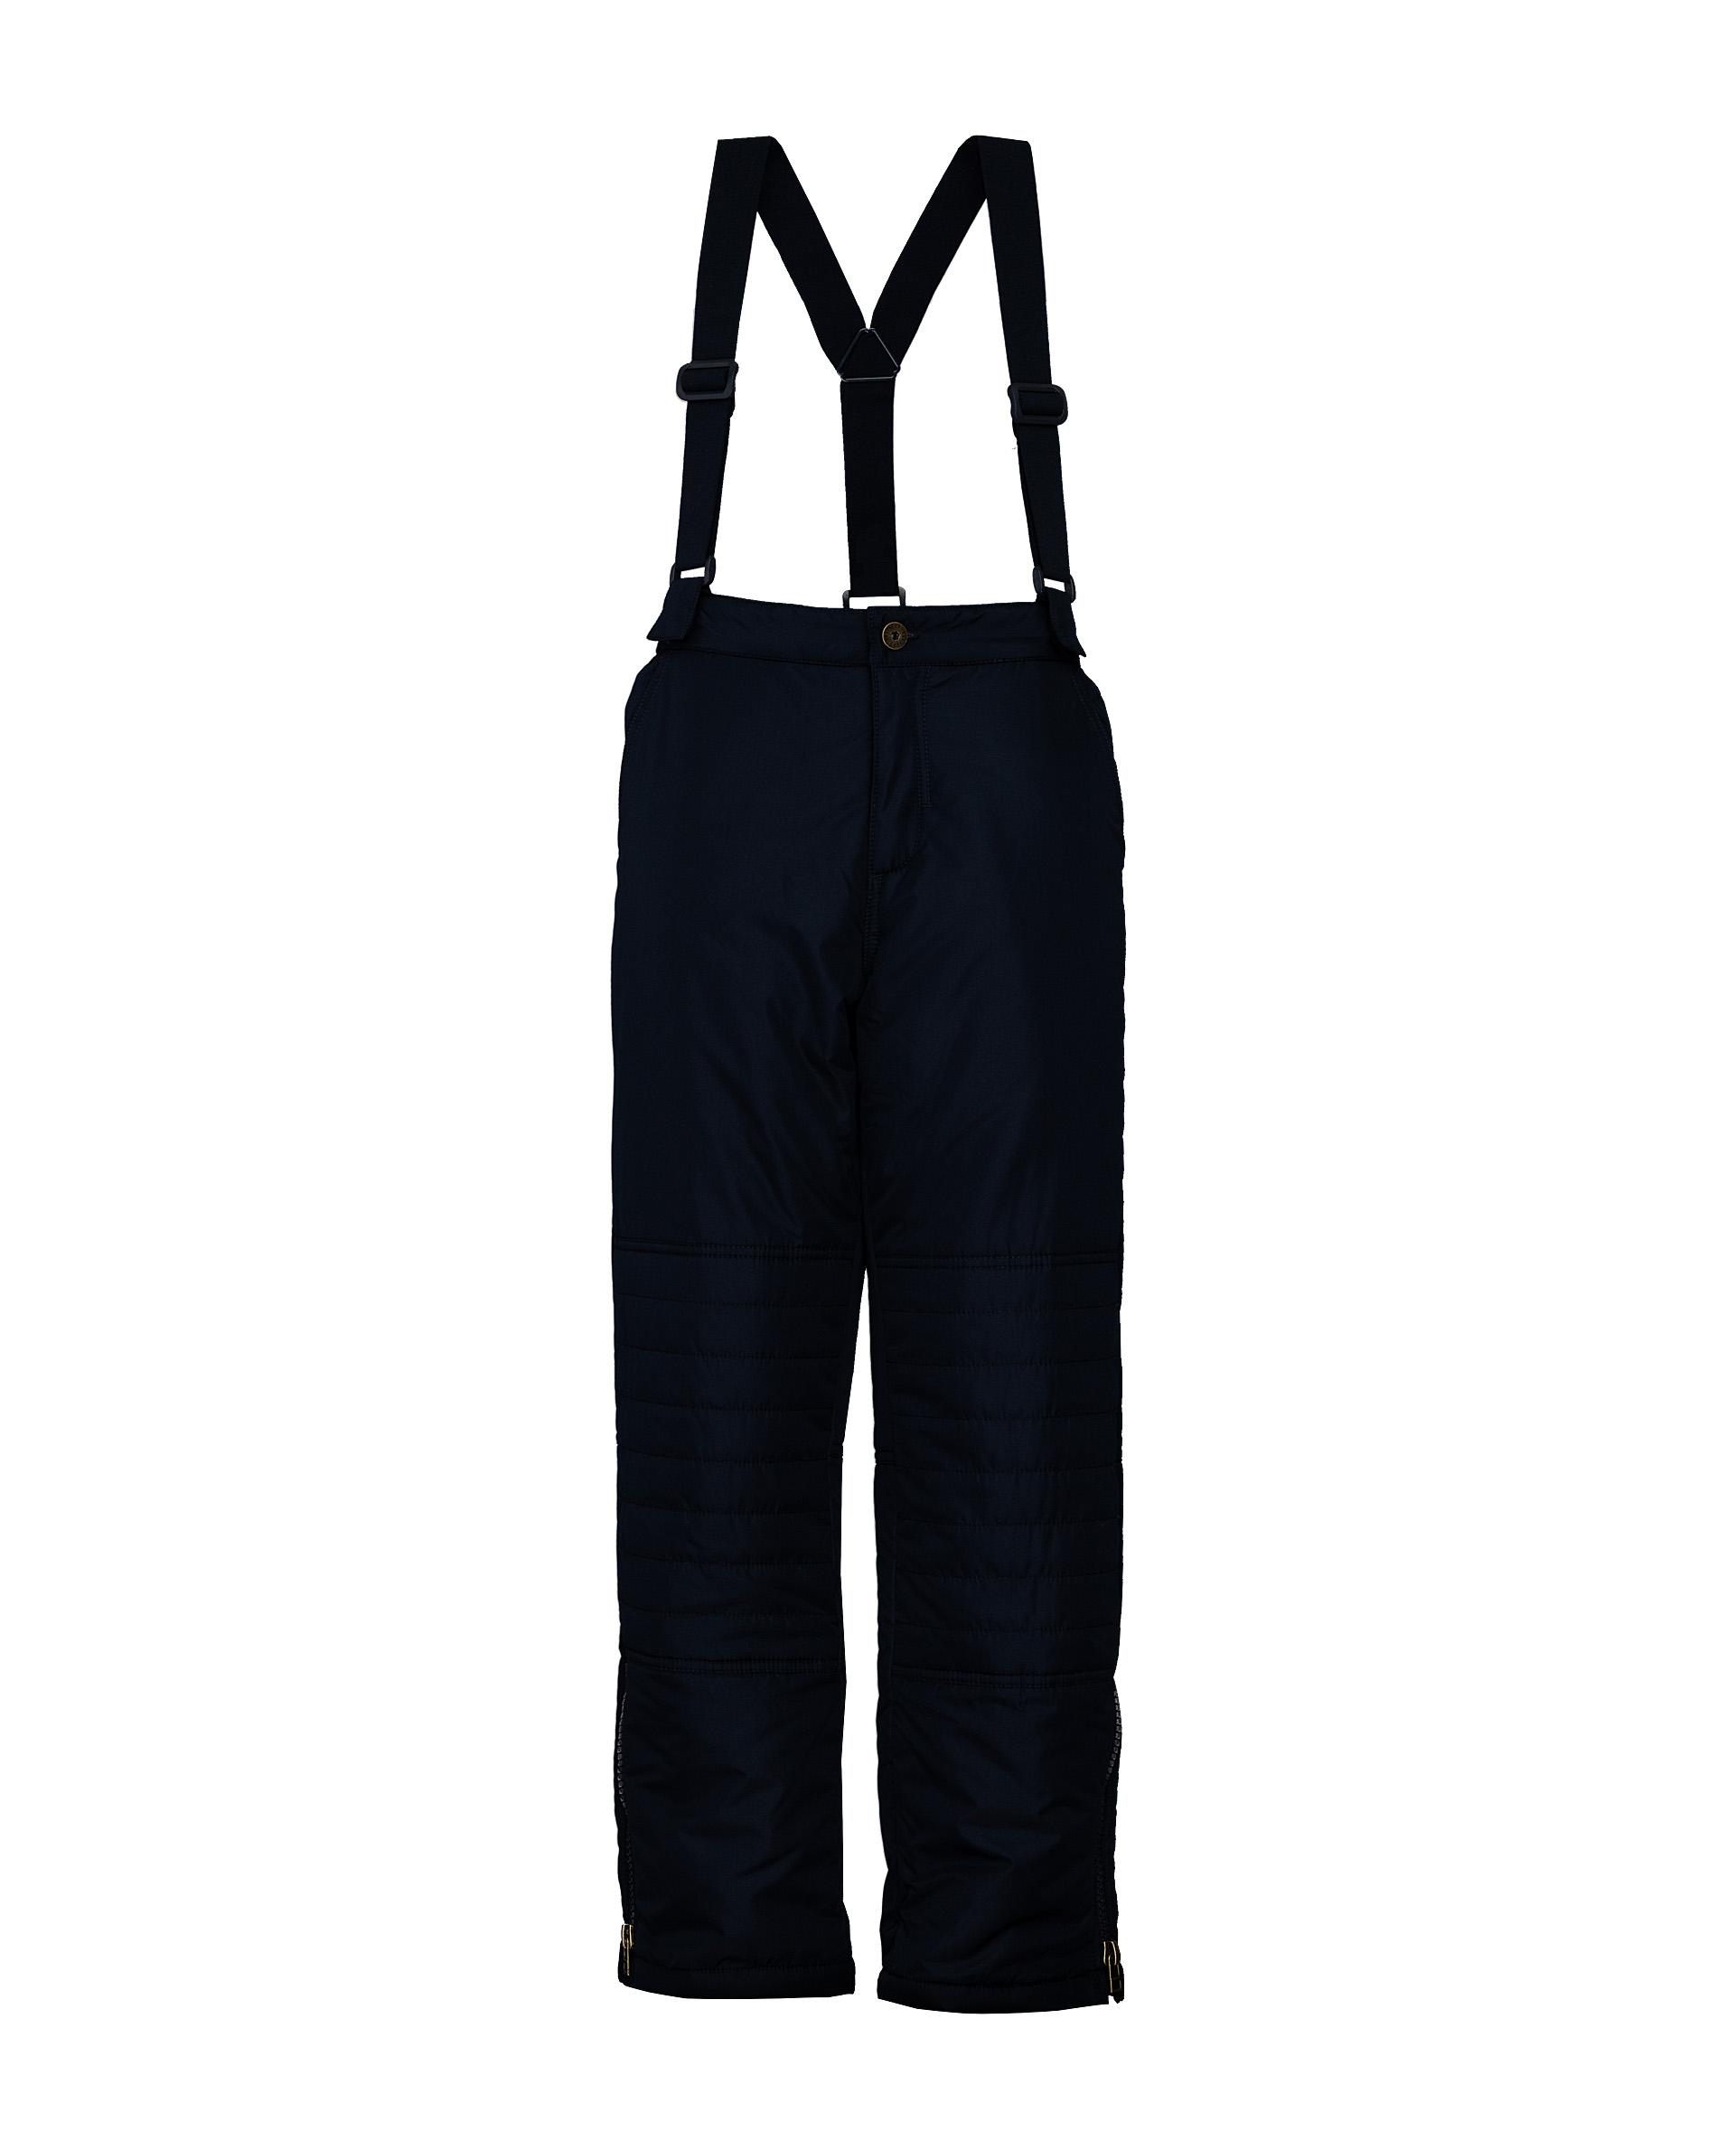 Купить 21911BJC6406, Синие утепленные брюки Gulliver, синий, 140, Мужской, ОСЕНЬ/ЗИМА 2020-2021 (shop: GulliverMarket Gulliver Market)